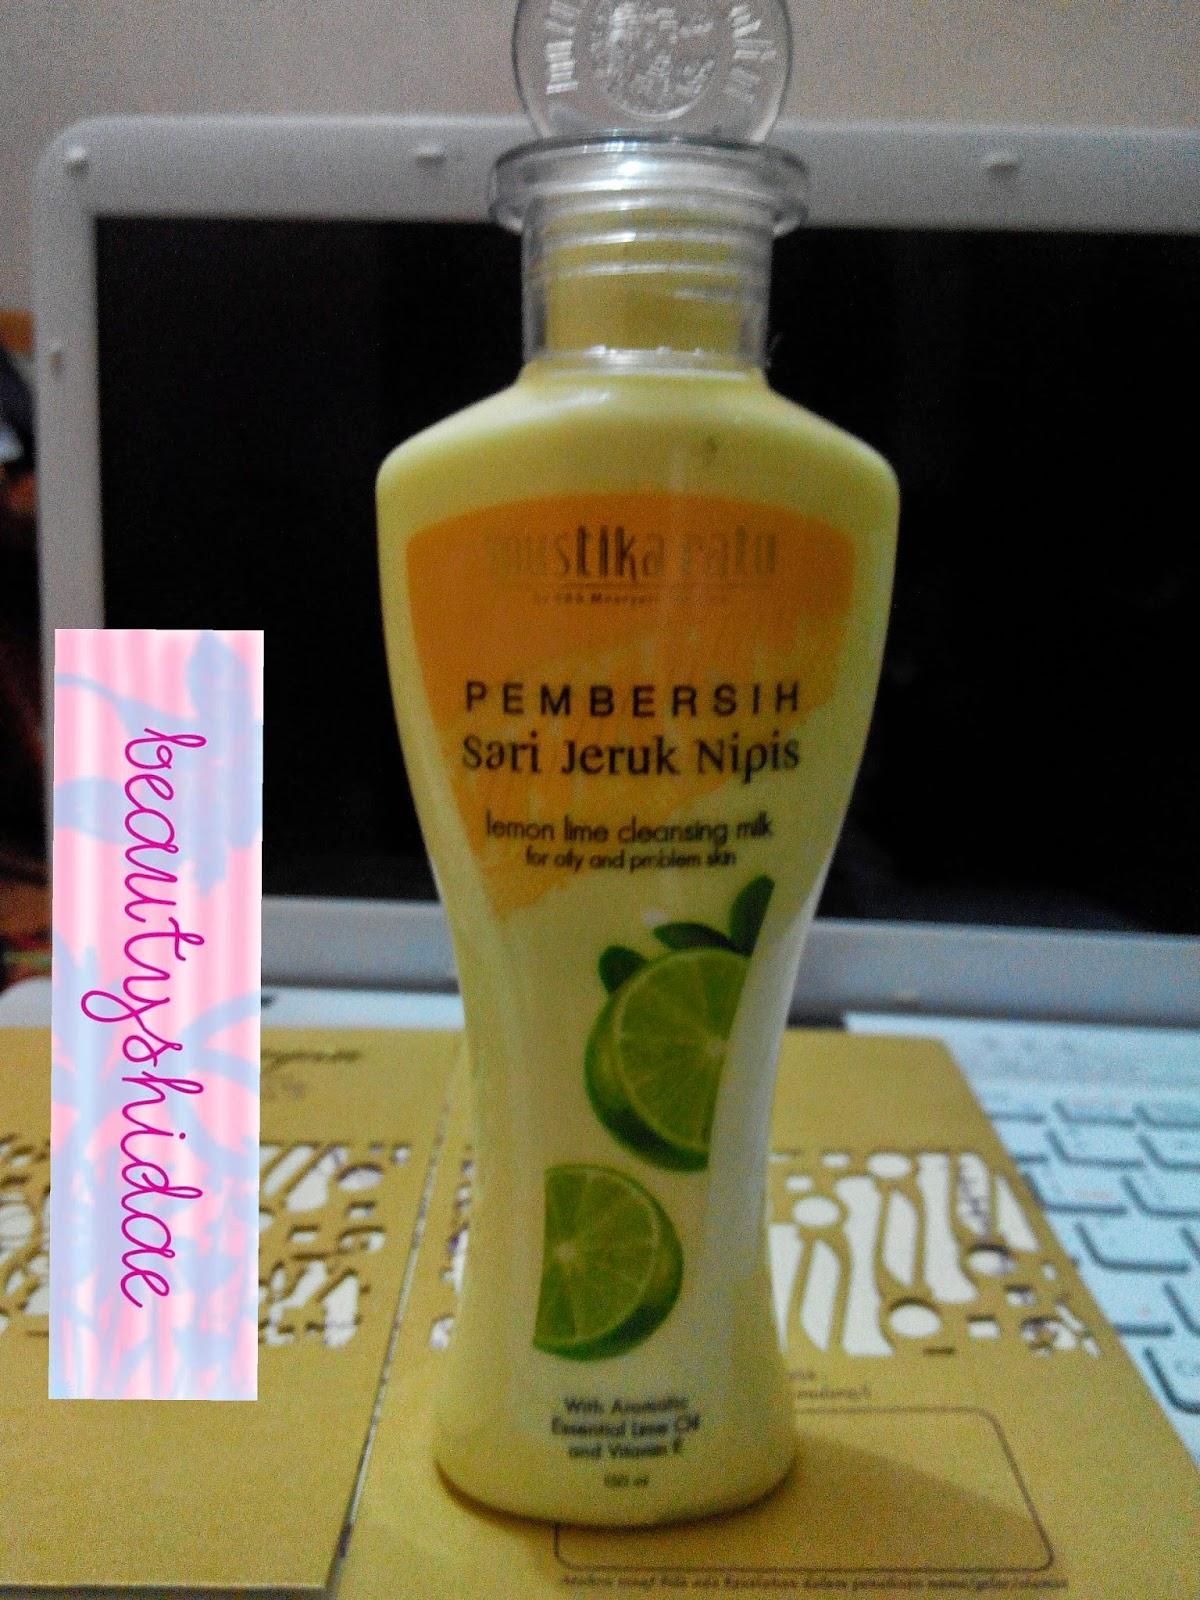 Beautiful With Beautyshidae 2014 Mustika Ratu Hand Body Lotion Sari Jeruk Review Pembersih Nipis